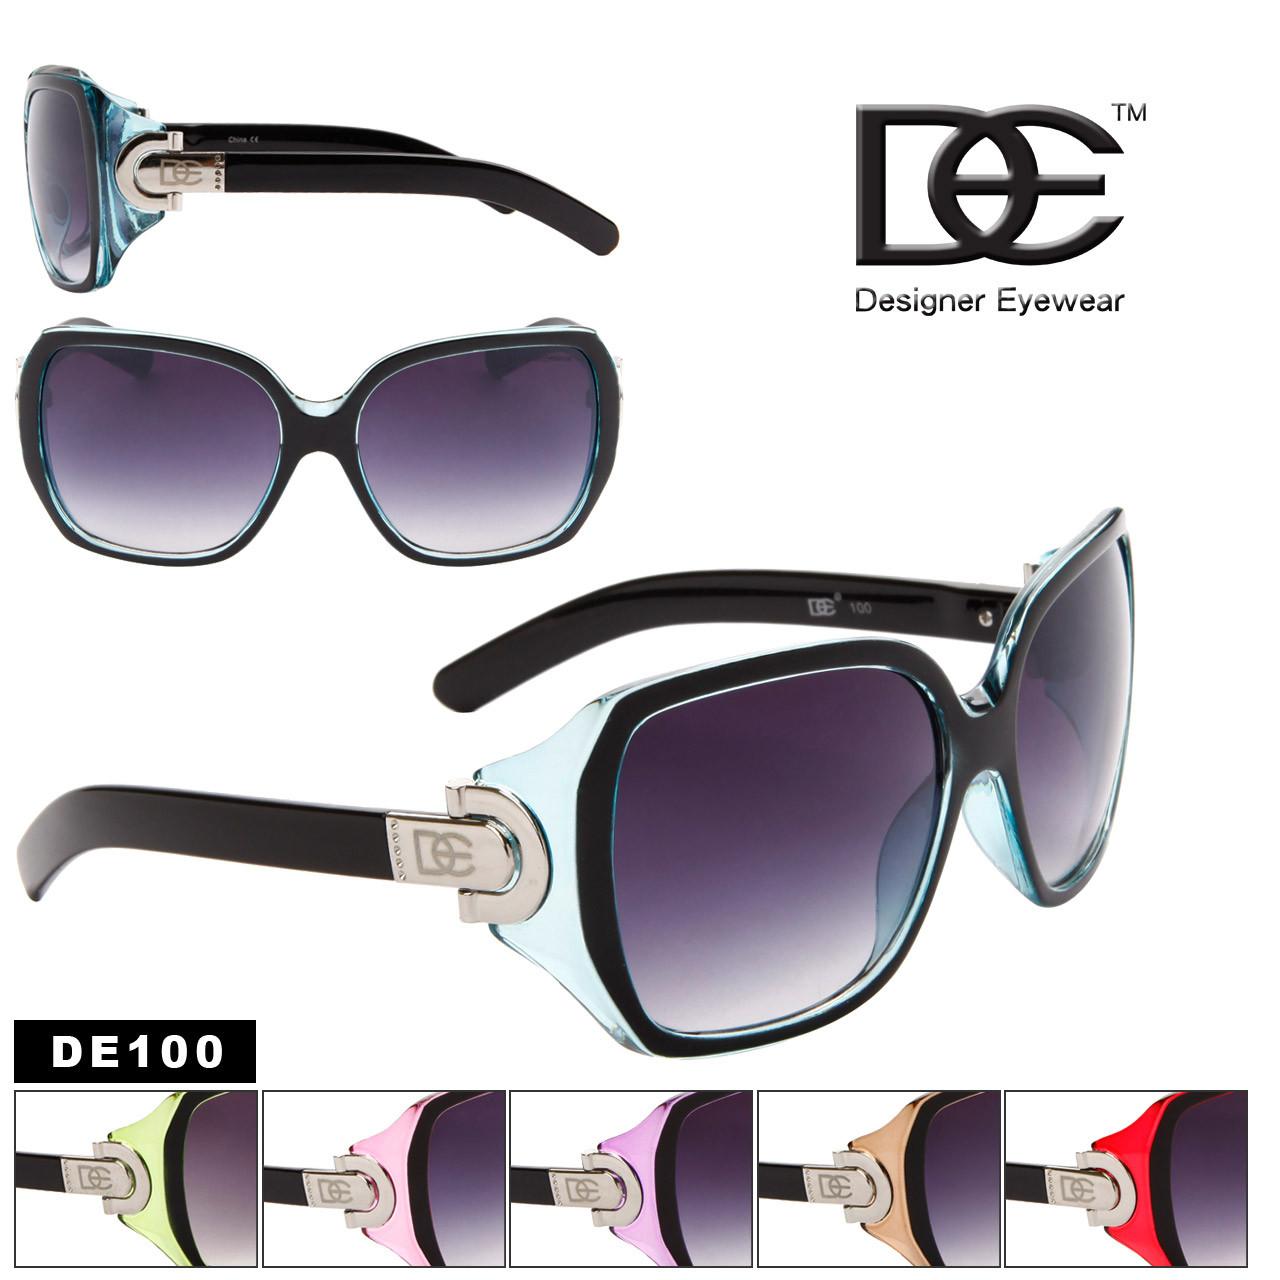 Fashion Sunglasses Wholesale DE100